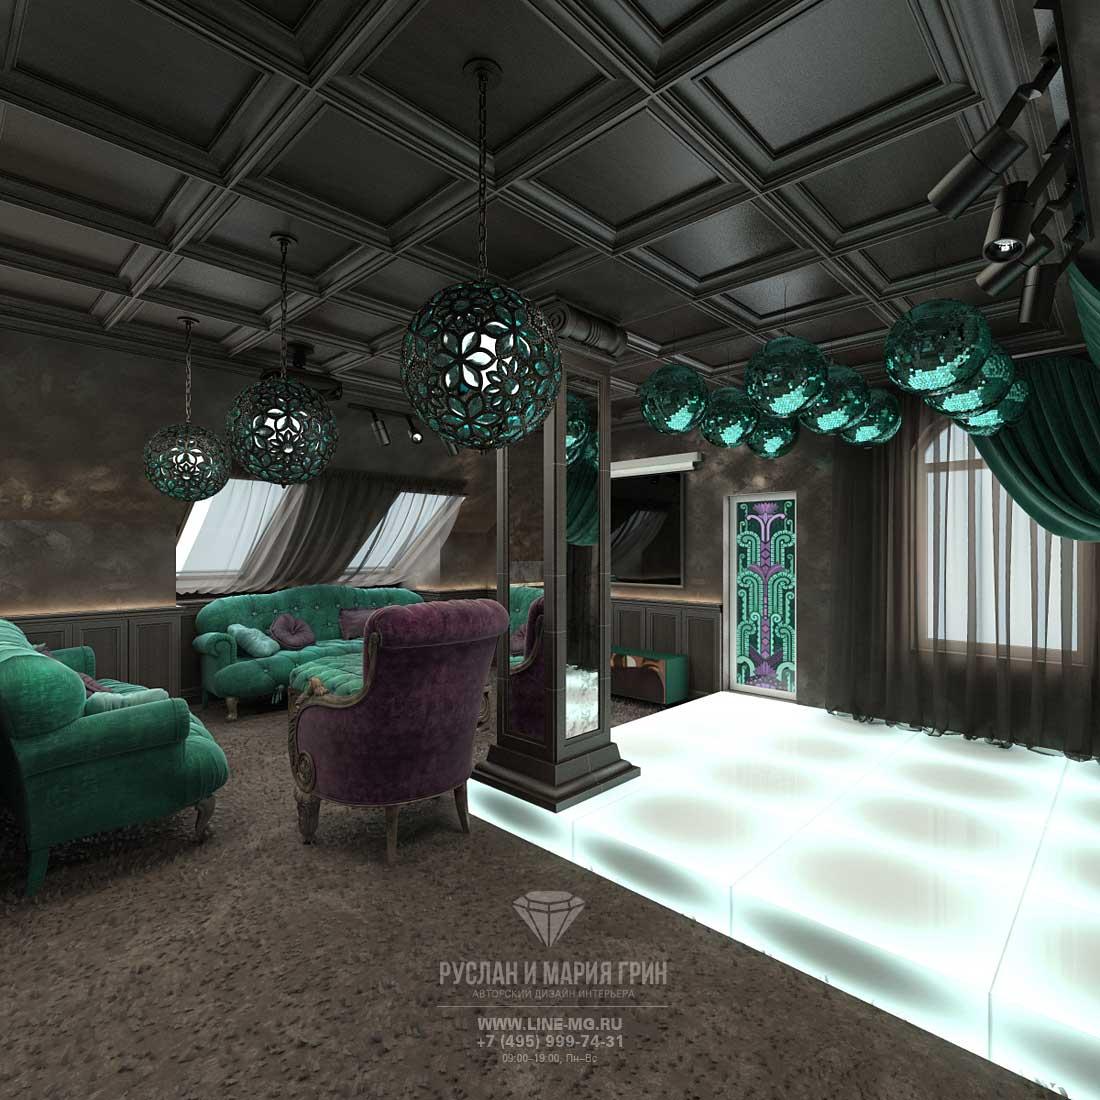 Design attic in a private house